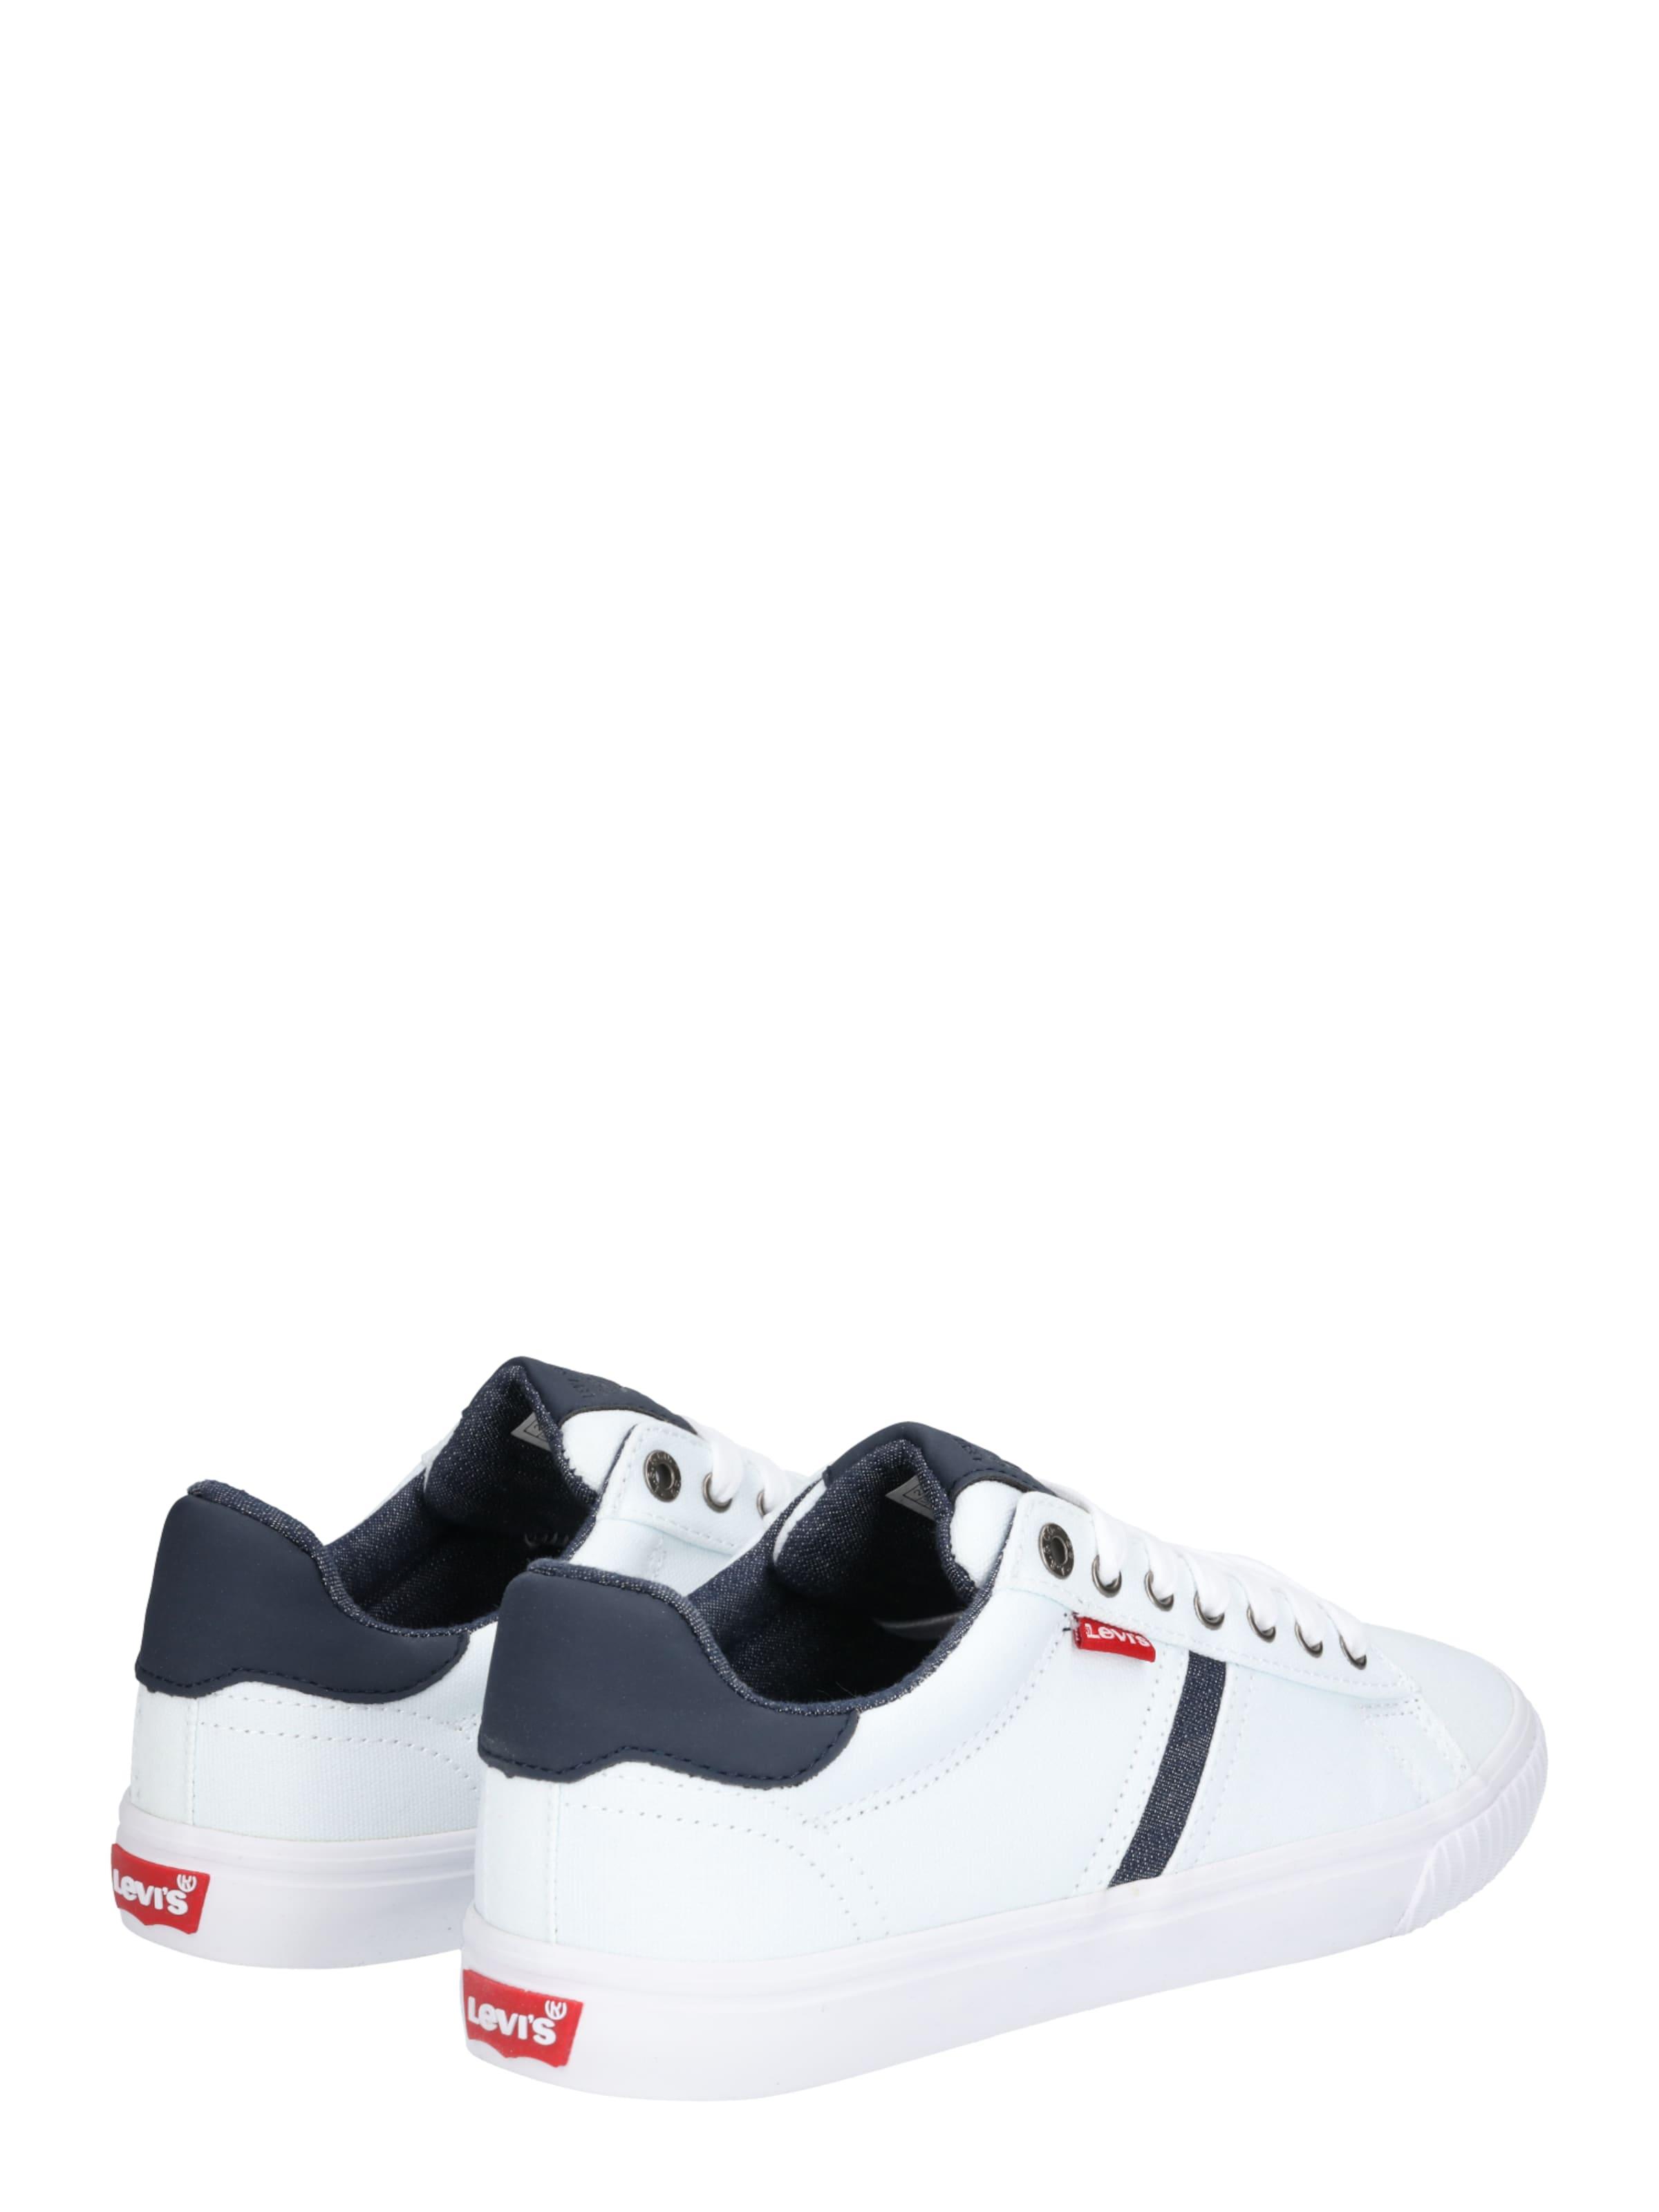 Levi's In In NavyWeiß Levi's Sneaker Sneaker SpjLUqMzVG